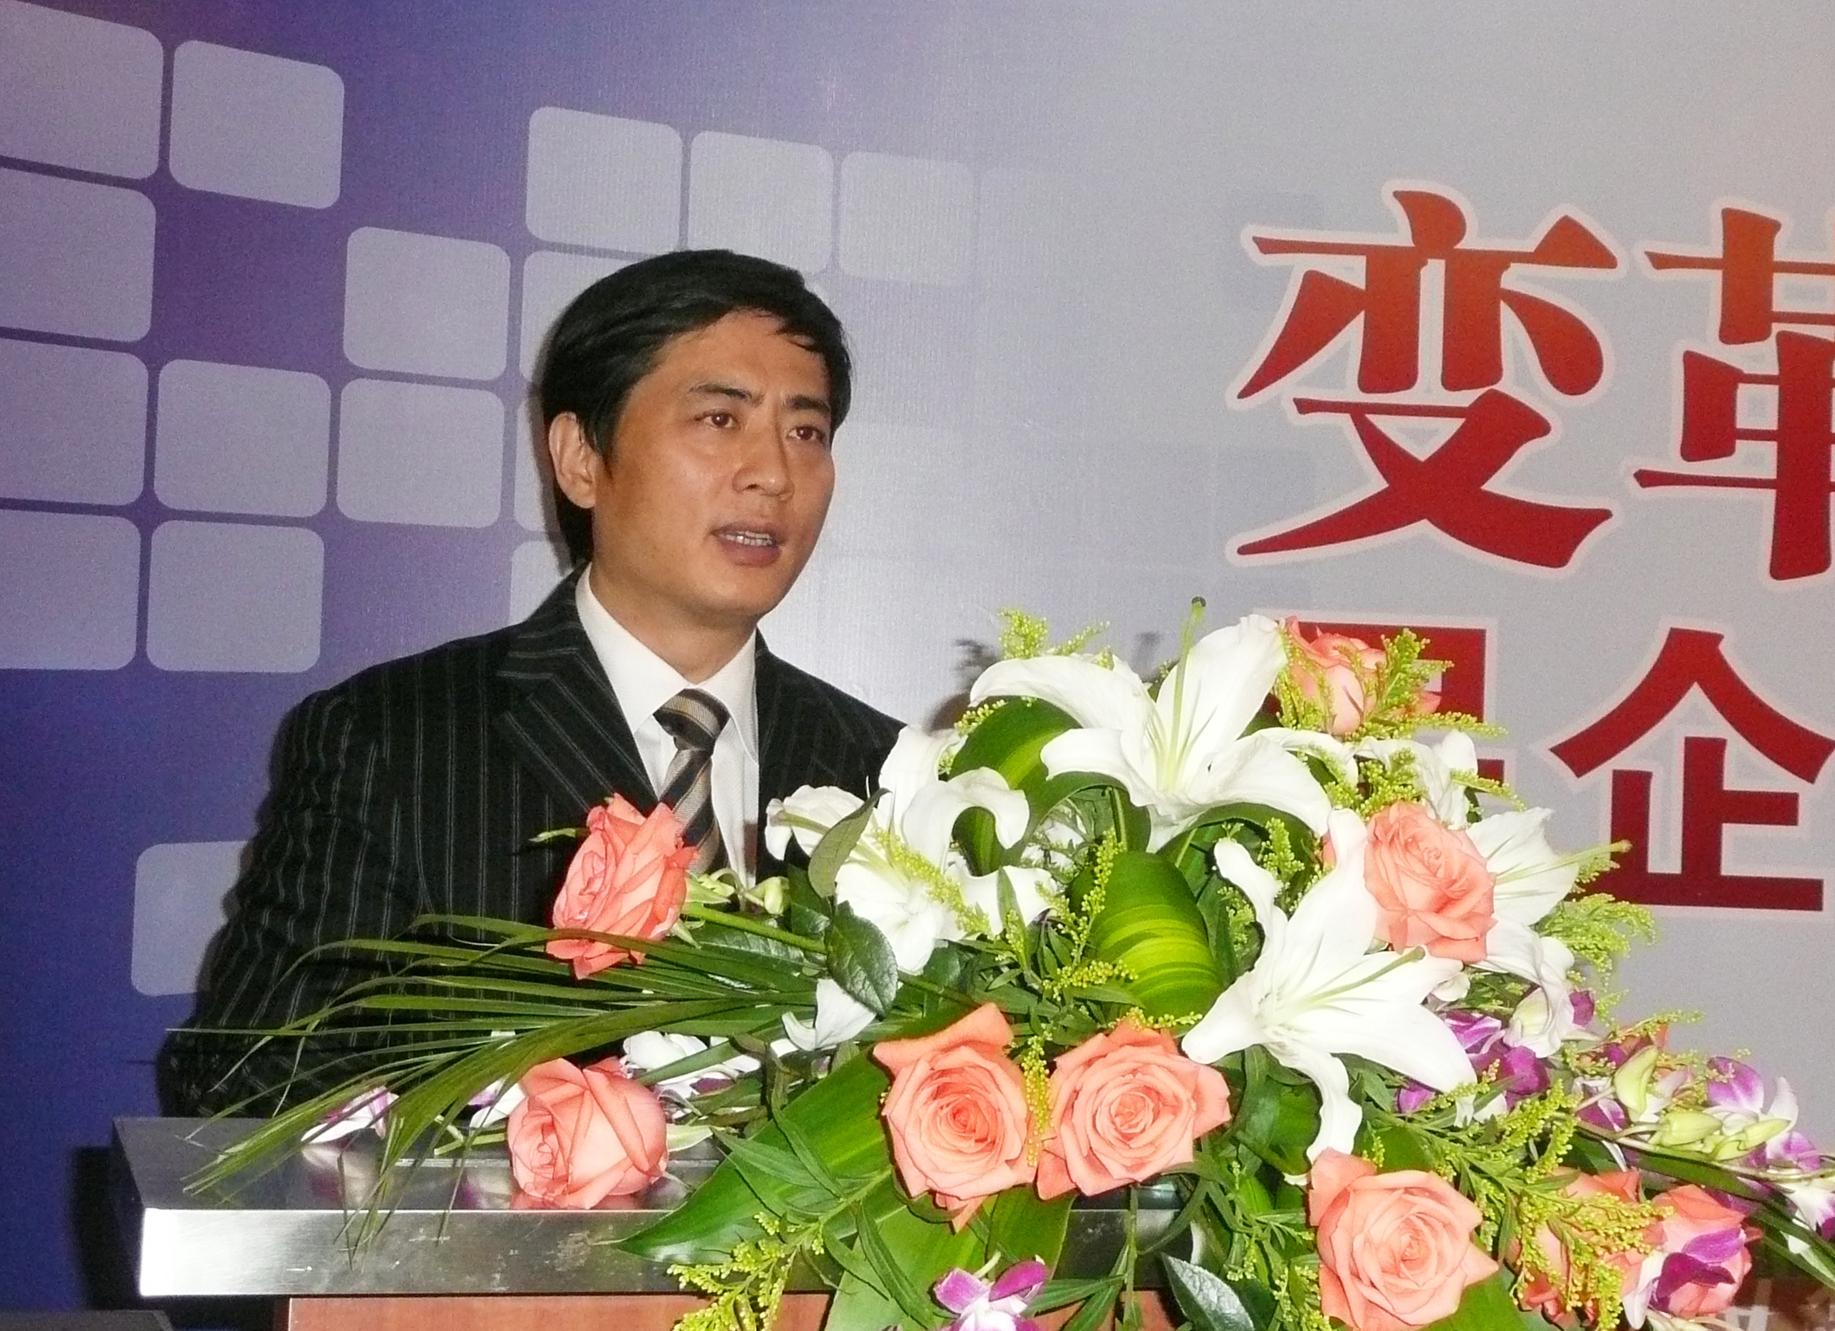 2009年陈斌总裁在清华大学做演讲